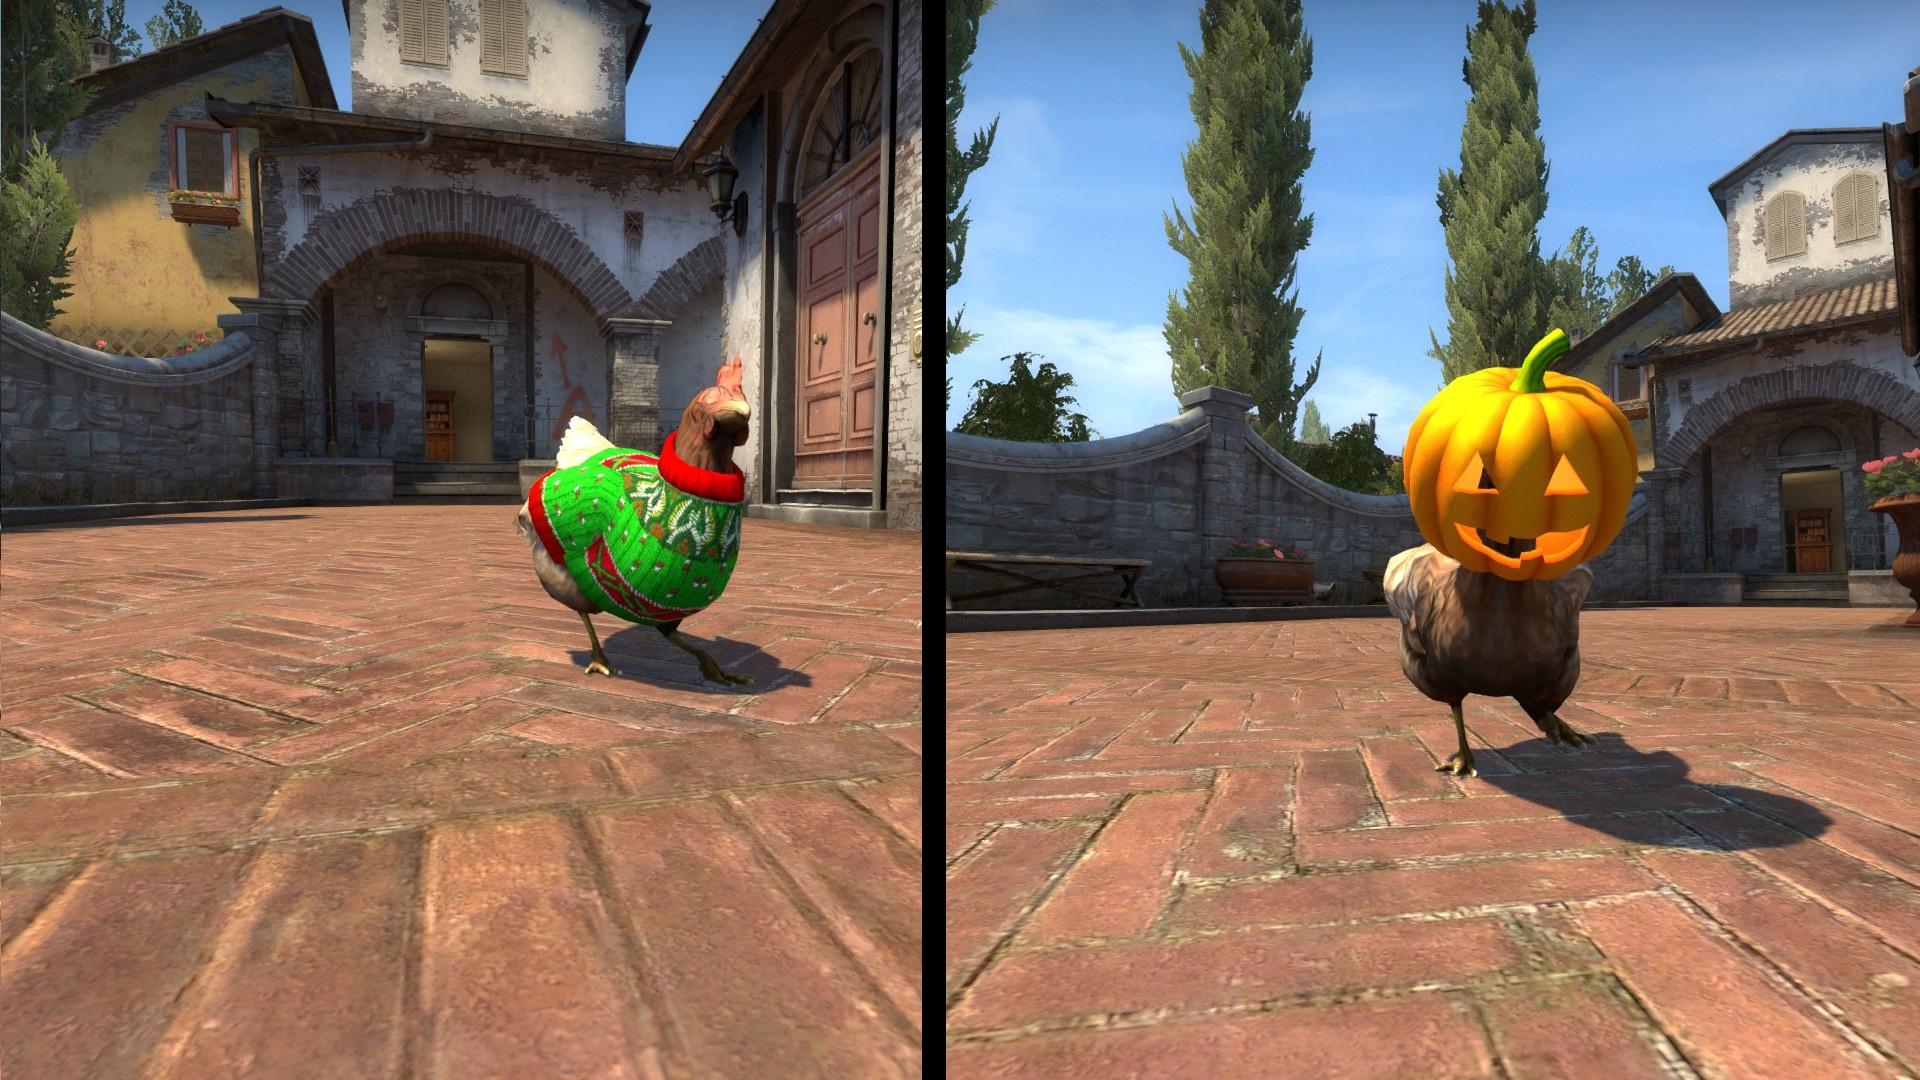 Αποτέλεσμα εικόνας για cs:go chickens pumpkin